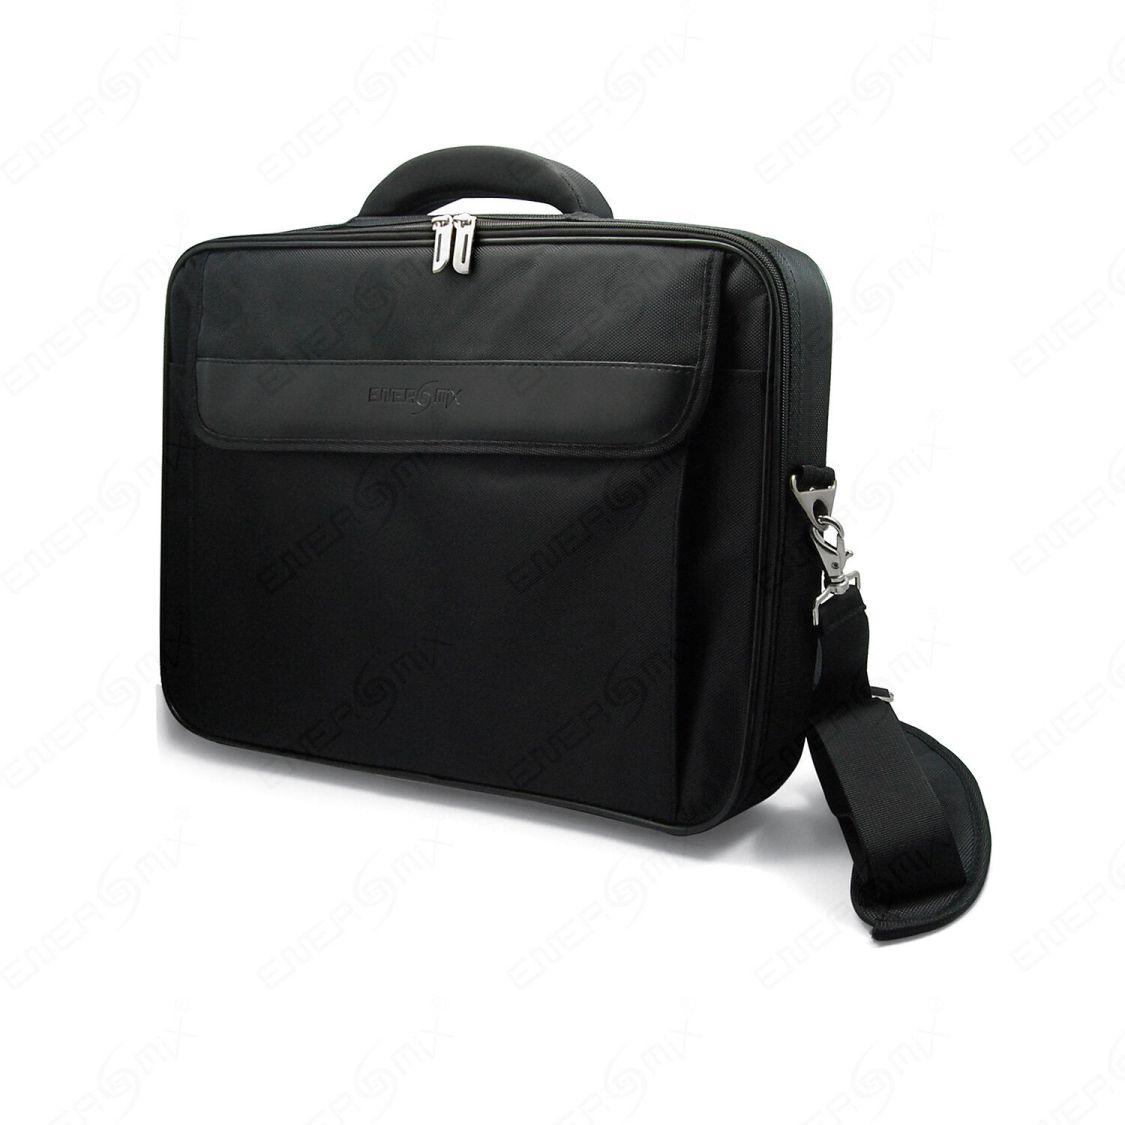 15 Zoll Notebooktasche Laptoptasche 38x28x5 cm für 15/15,4/15,6 Zoll Energmix®